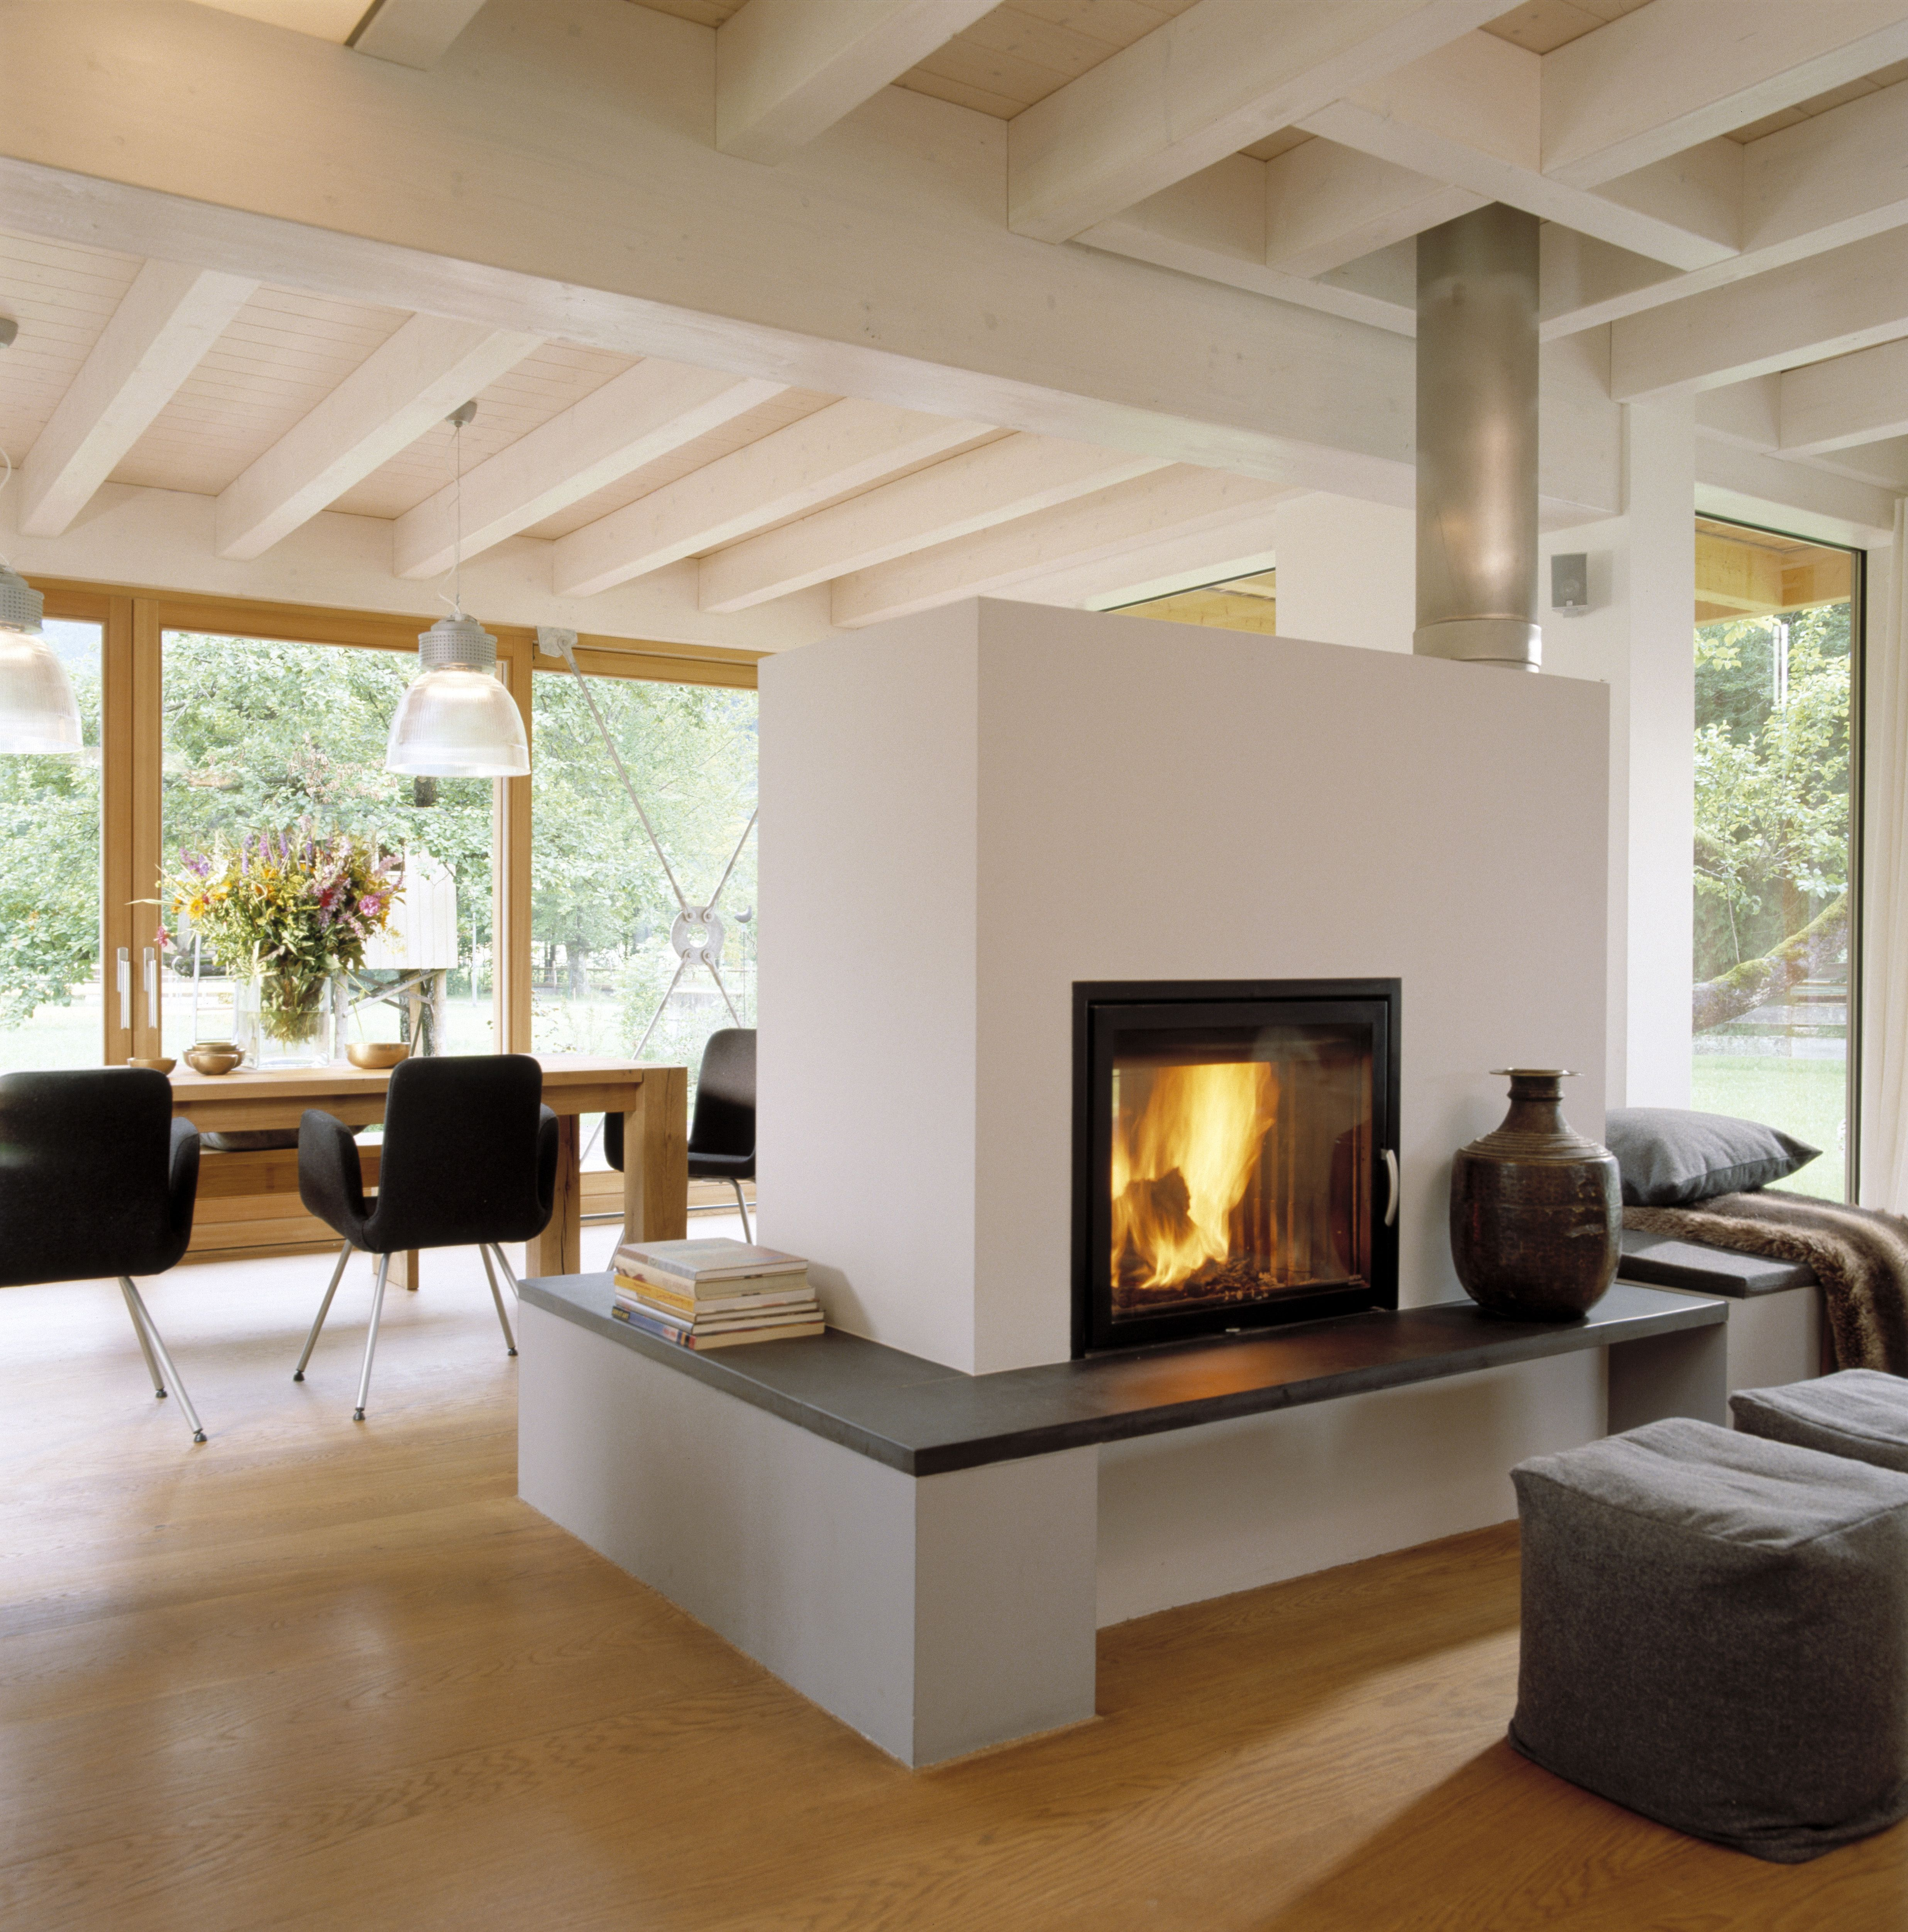 Panoramakamin Im Wohnzimmer Mit Bodentiefen Fenster 4943x